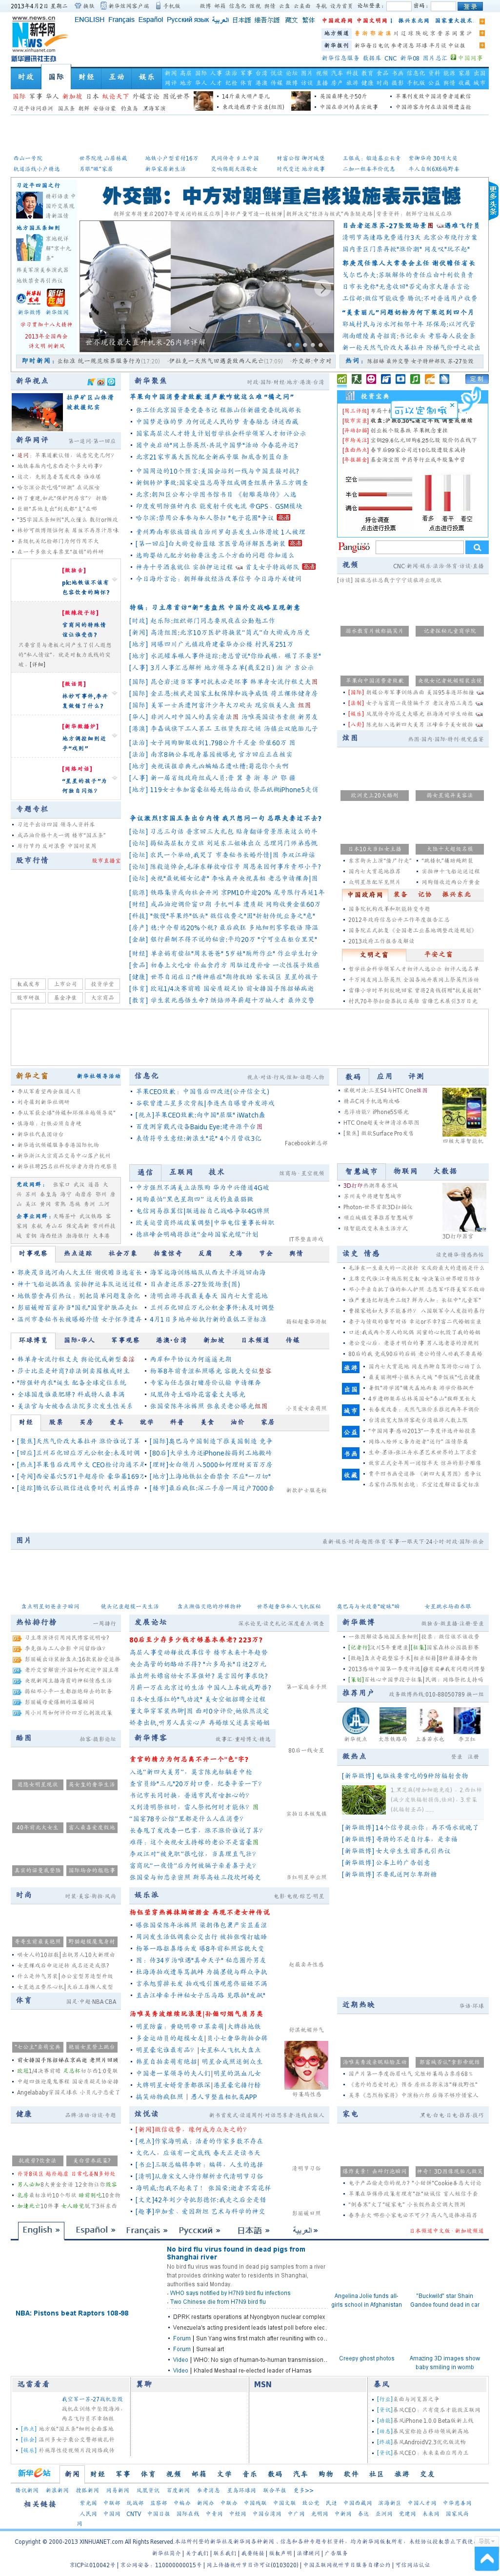 Xinhua at Tuesday April 2, 2013, 9:27 a.m. UTC